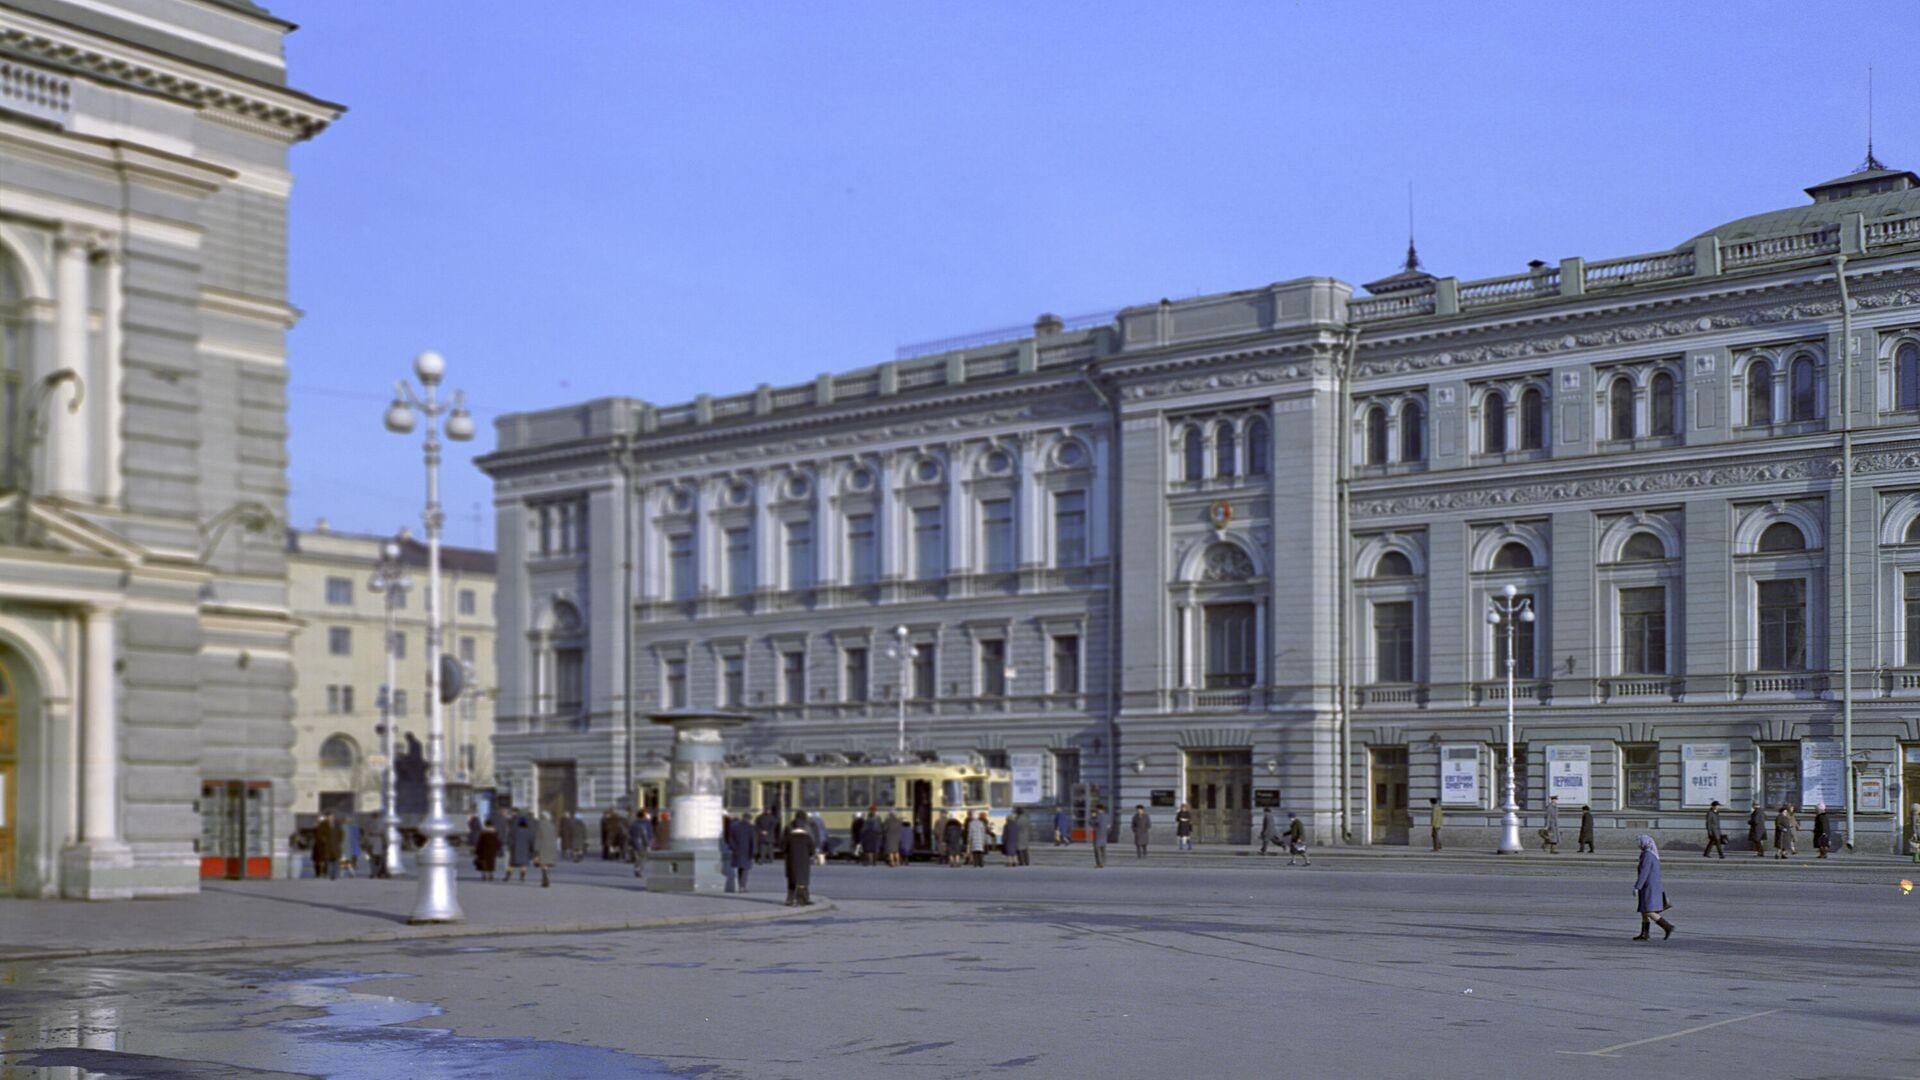 Здание консерватории имени Н.А. Римского-Корсакова в Петербурге - РИА Новости, 1920, 21.09.2021